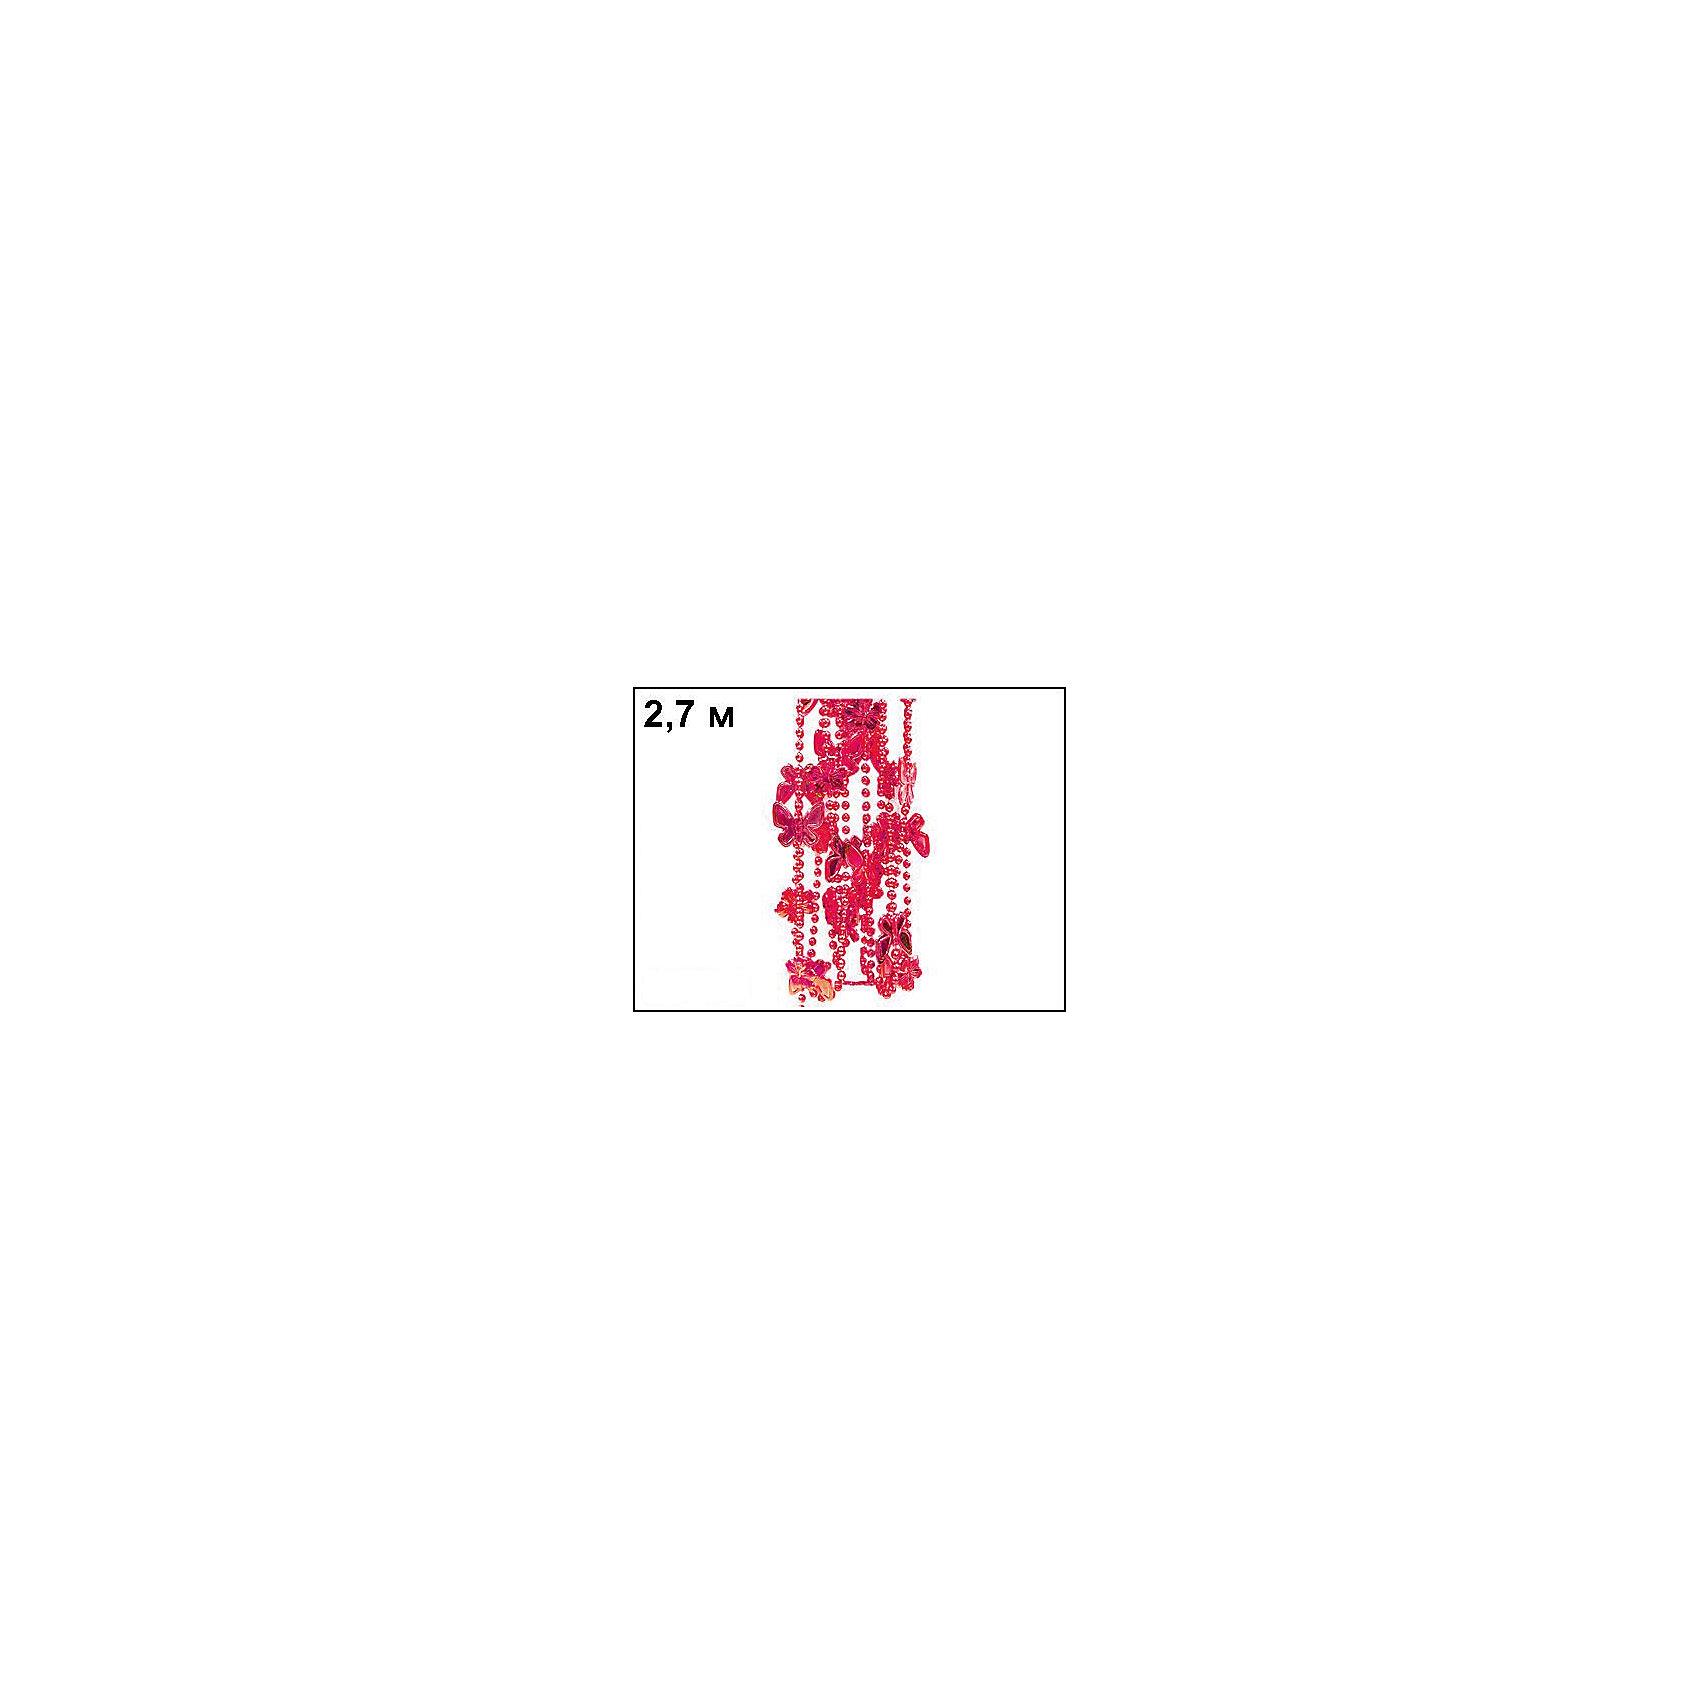 Бусы Бабочки 2,7 м, Marko FerenzoБусы Бабочки 2,7 м, Marko Ferenzo (Марко Ферензо) – это великолепное украшение придаст елке особое очарование.<br>Нарядные бусы с большими бабочками от Marko Ferenzo (Марко Ферензо) прекрасно подойдут для декорирования елки и будут идеально сочетаться с огоньками и другими игрушками. Бусы можно использовать не только для того, что бы нарядить зеленую красавицу, ими можно украсить детали интерьера: торшер, полку, всевозможные переключатели и ручки. Украсив елку и предметы интерьера этими бусами, вы создадите атмосферу фантастического праздника. Торговая марка «Marko Ferenzo» (Марко Ферензо) – это стиль, красочность, оригинальность и качество, которому можно доверять!<br><br>Дополнительная информация:<br><br>- Длина: 2,7 м.<br>- Цвет: красный<br><br>Бусы Бабочки 2,7 м, Marko Ferenzo (Марко Ферензо) можно купить в нашем интернет-магазине.<br><br>Ширина мм: 100<br>Глубина мм: 10<br>Высота мм: 100<br>Вес г: 743<br>Возраст от месяцев: 36<br>Возраст до месяцев: 2147483647<br>Пол: Унисекс<br>Возраст: Детский<br>SKU: 4418938